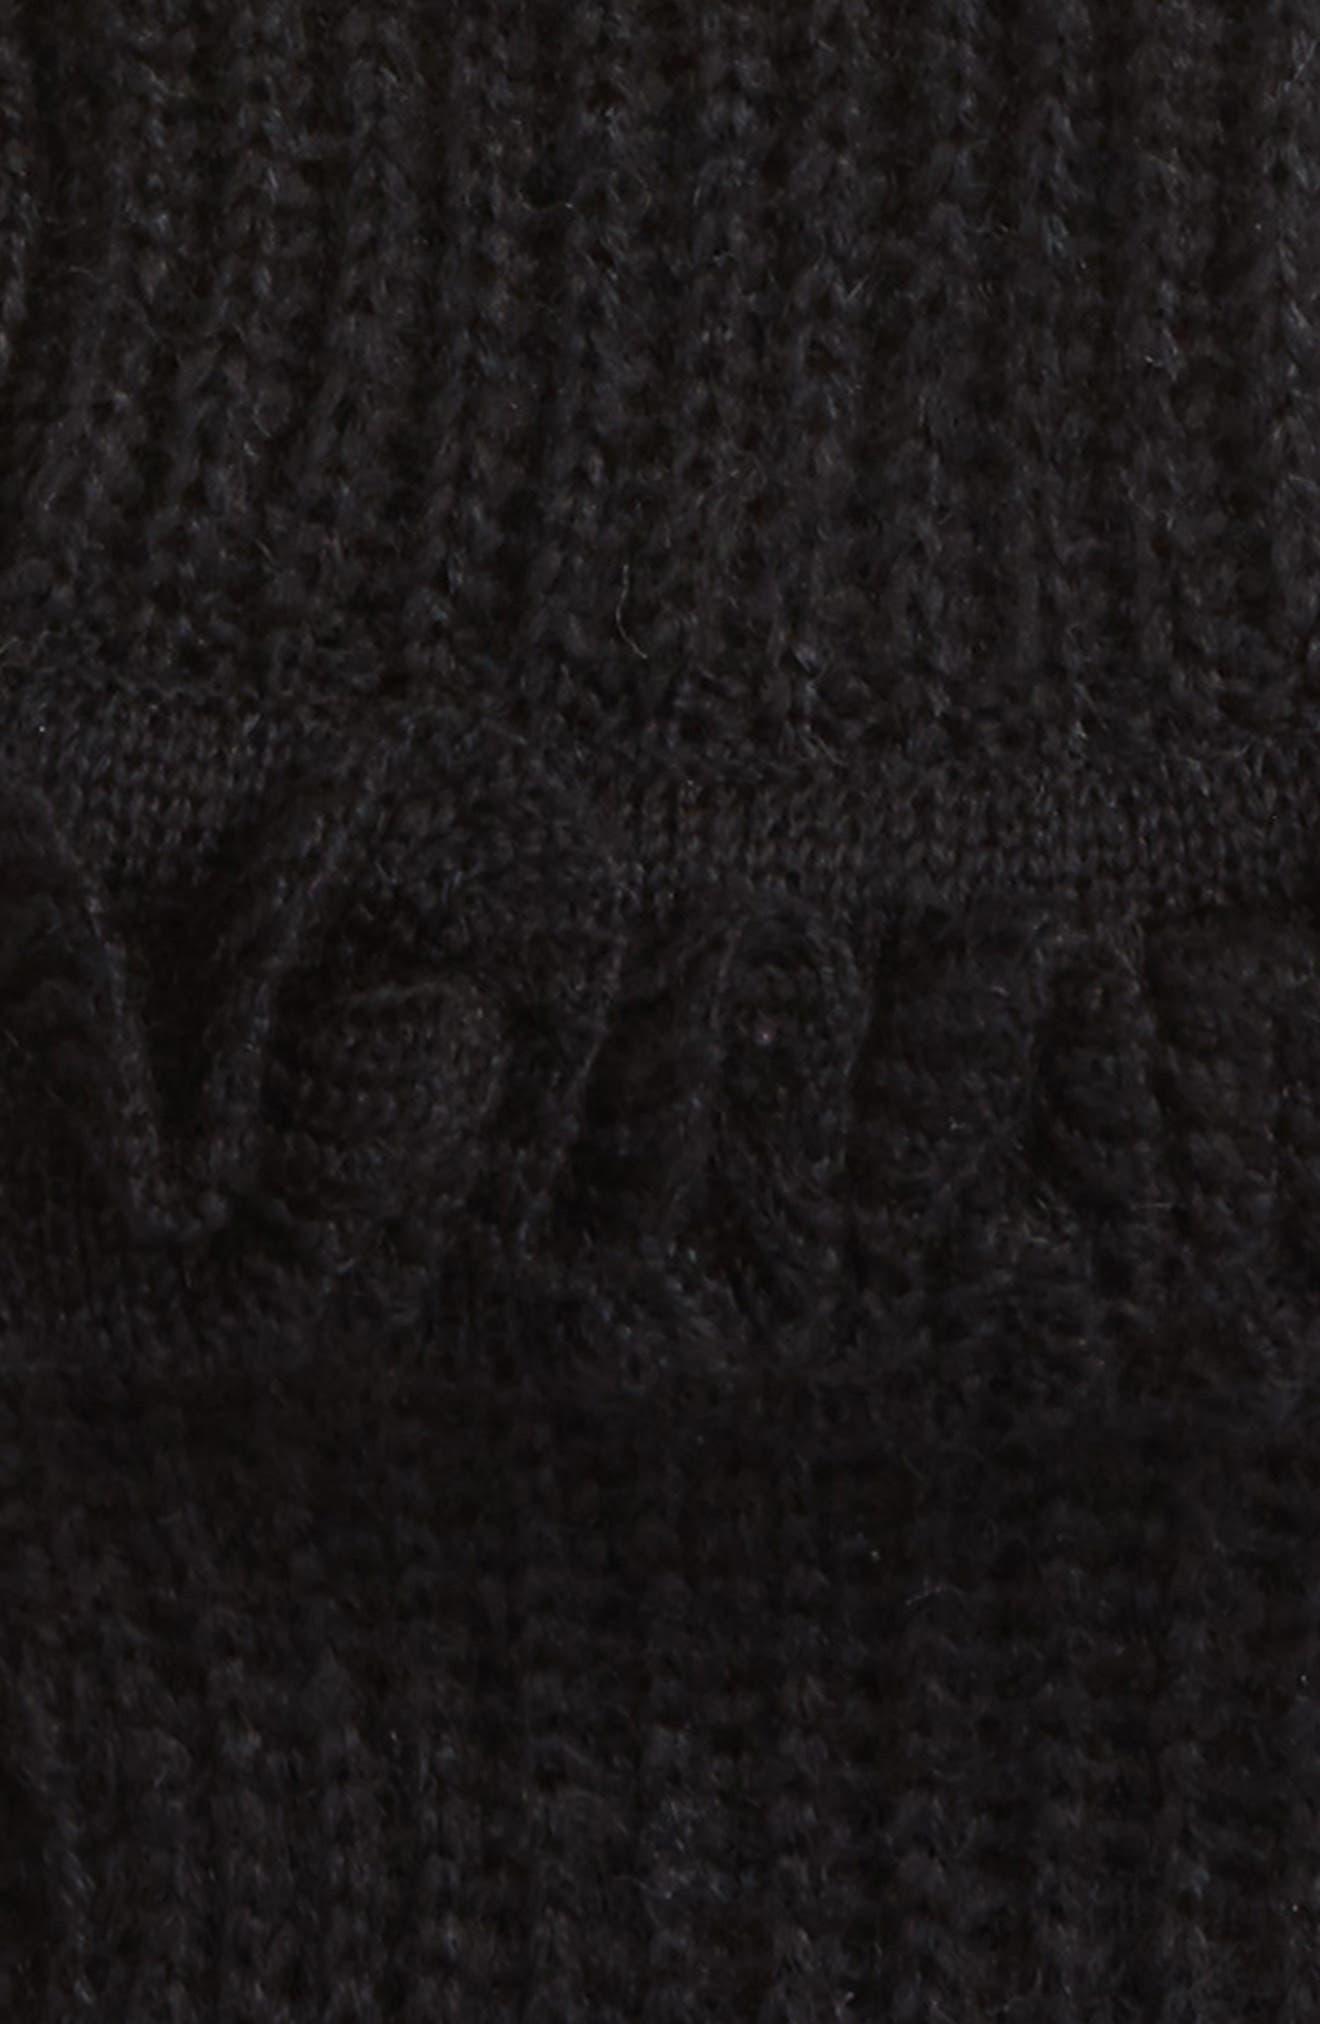 Ruffle Fingerless Gloves,                             Alternate thumbnail 5, color,